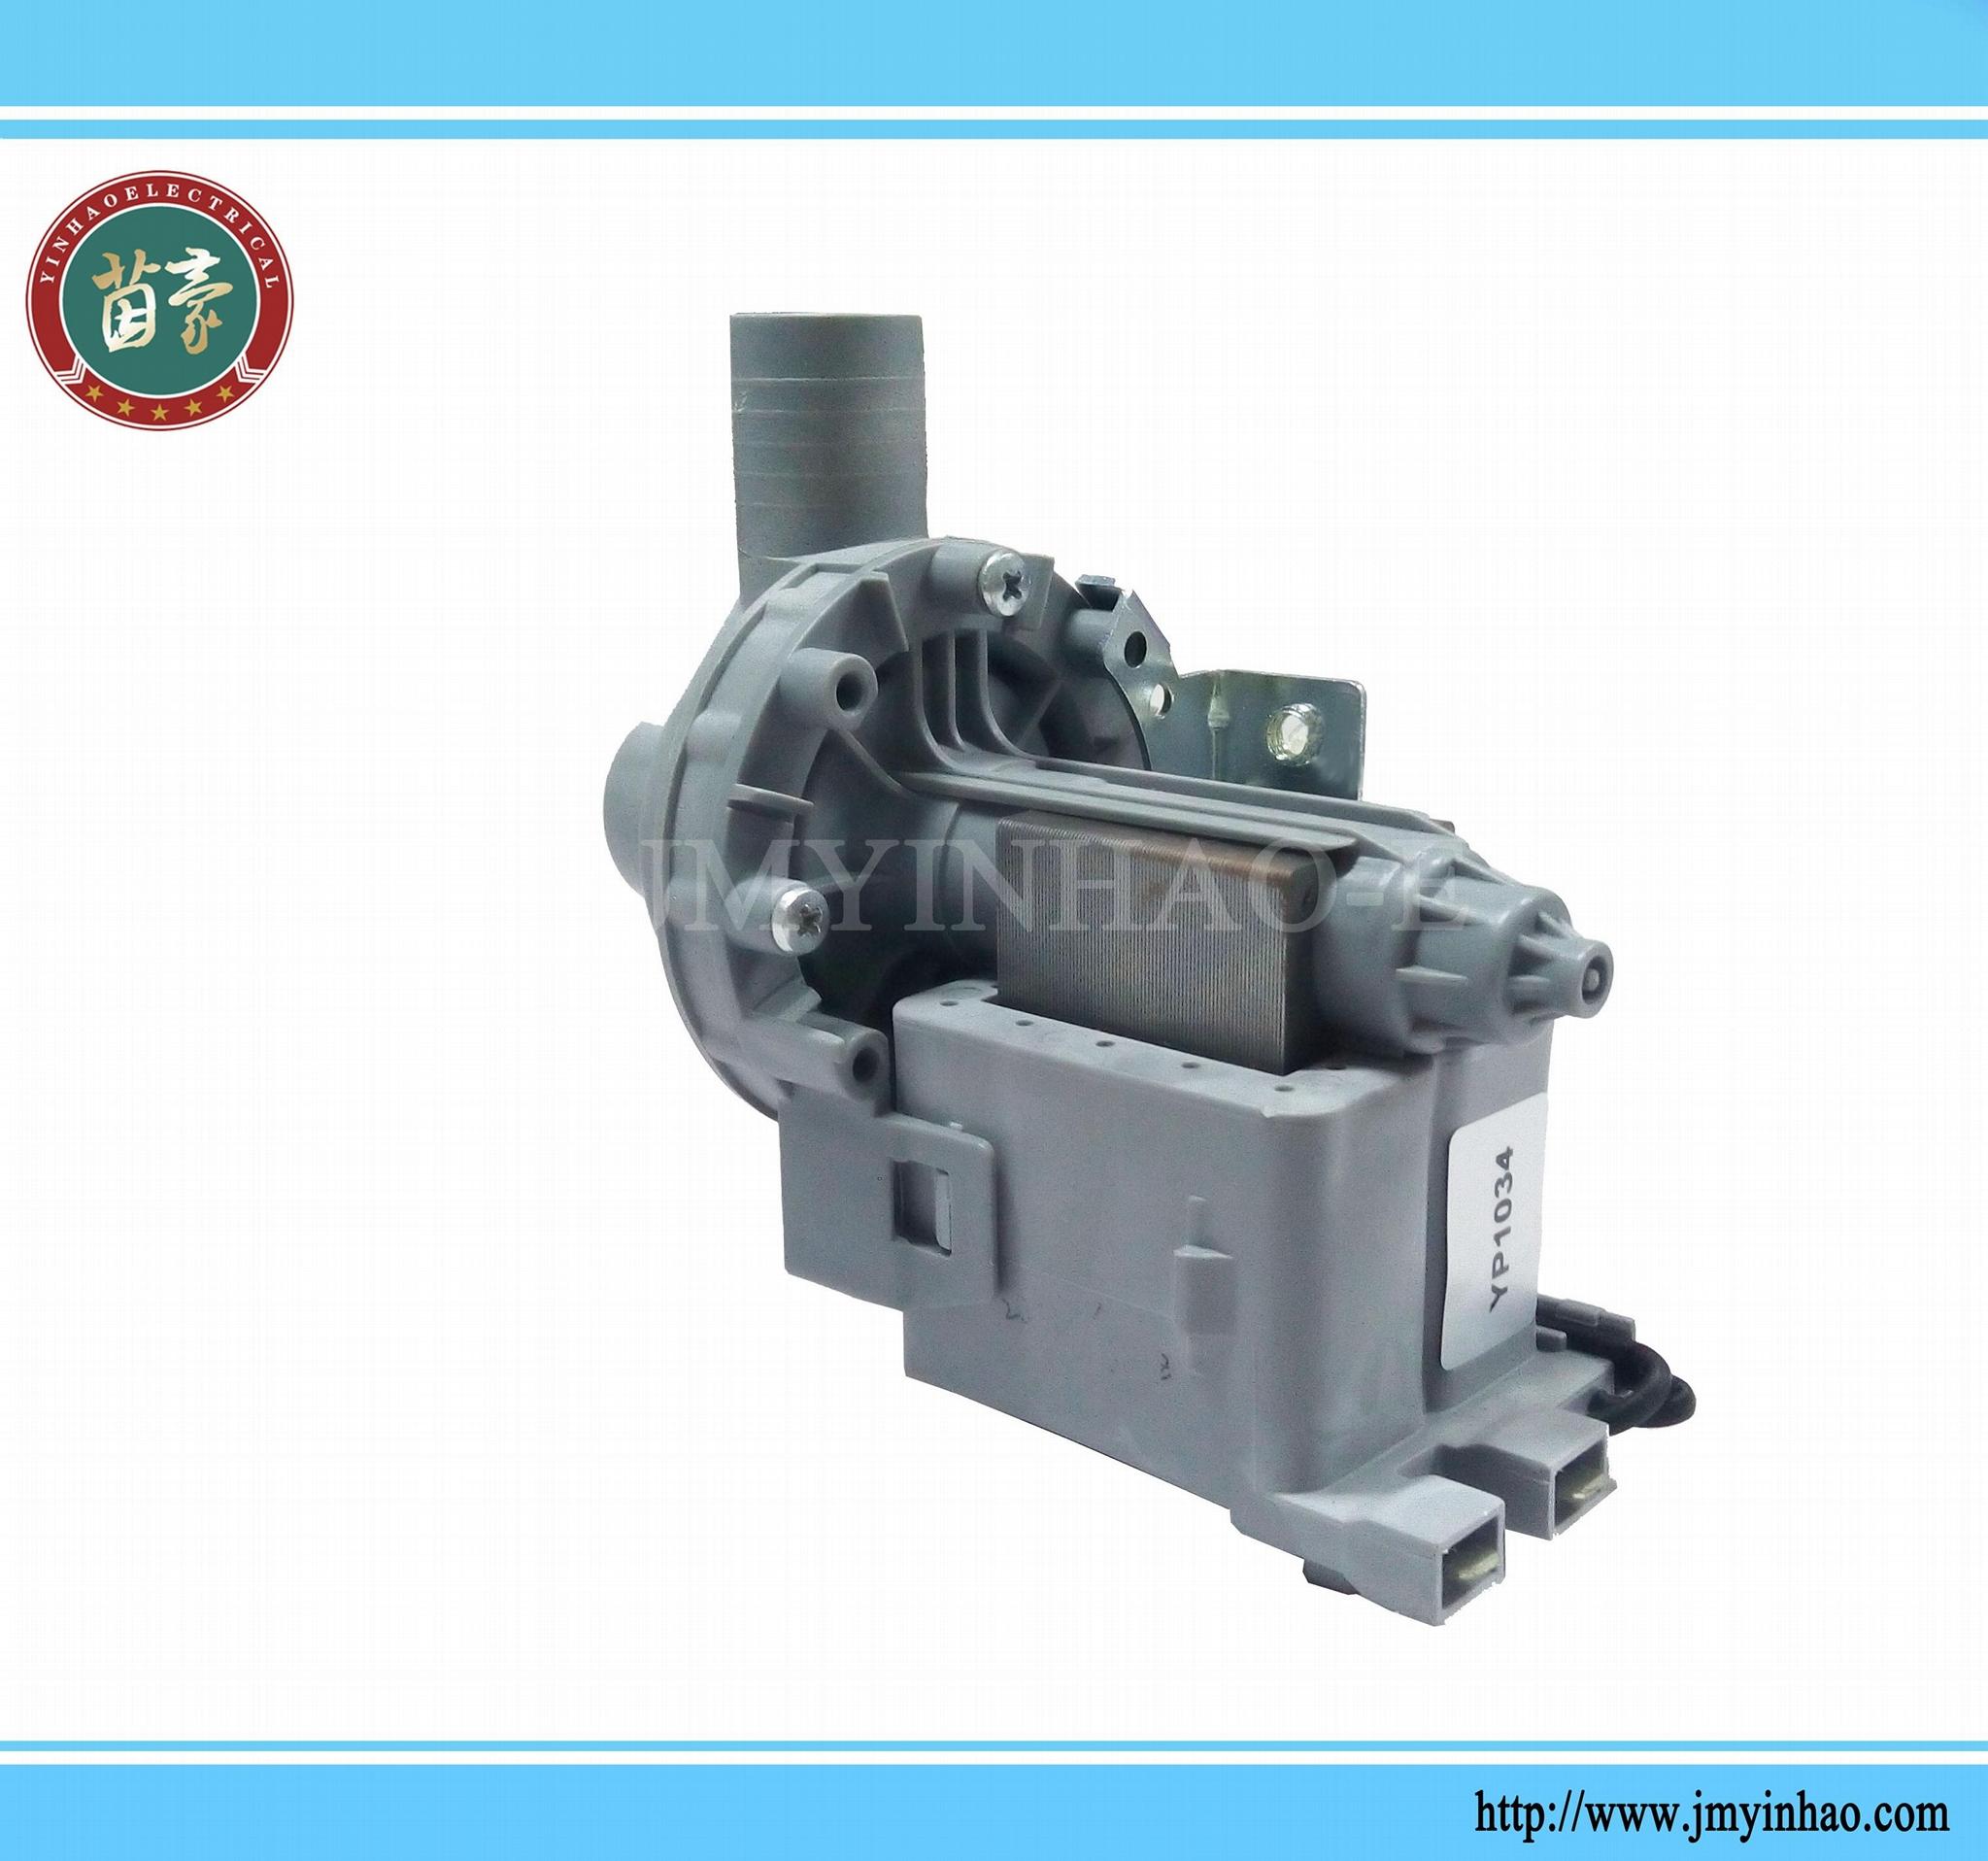 制冰机配件/制冰机排水泵 4